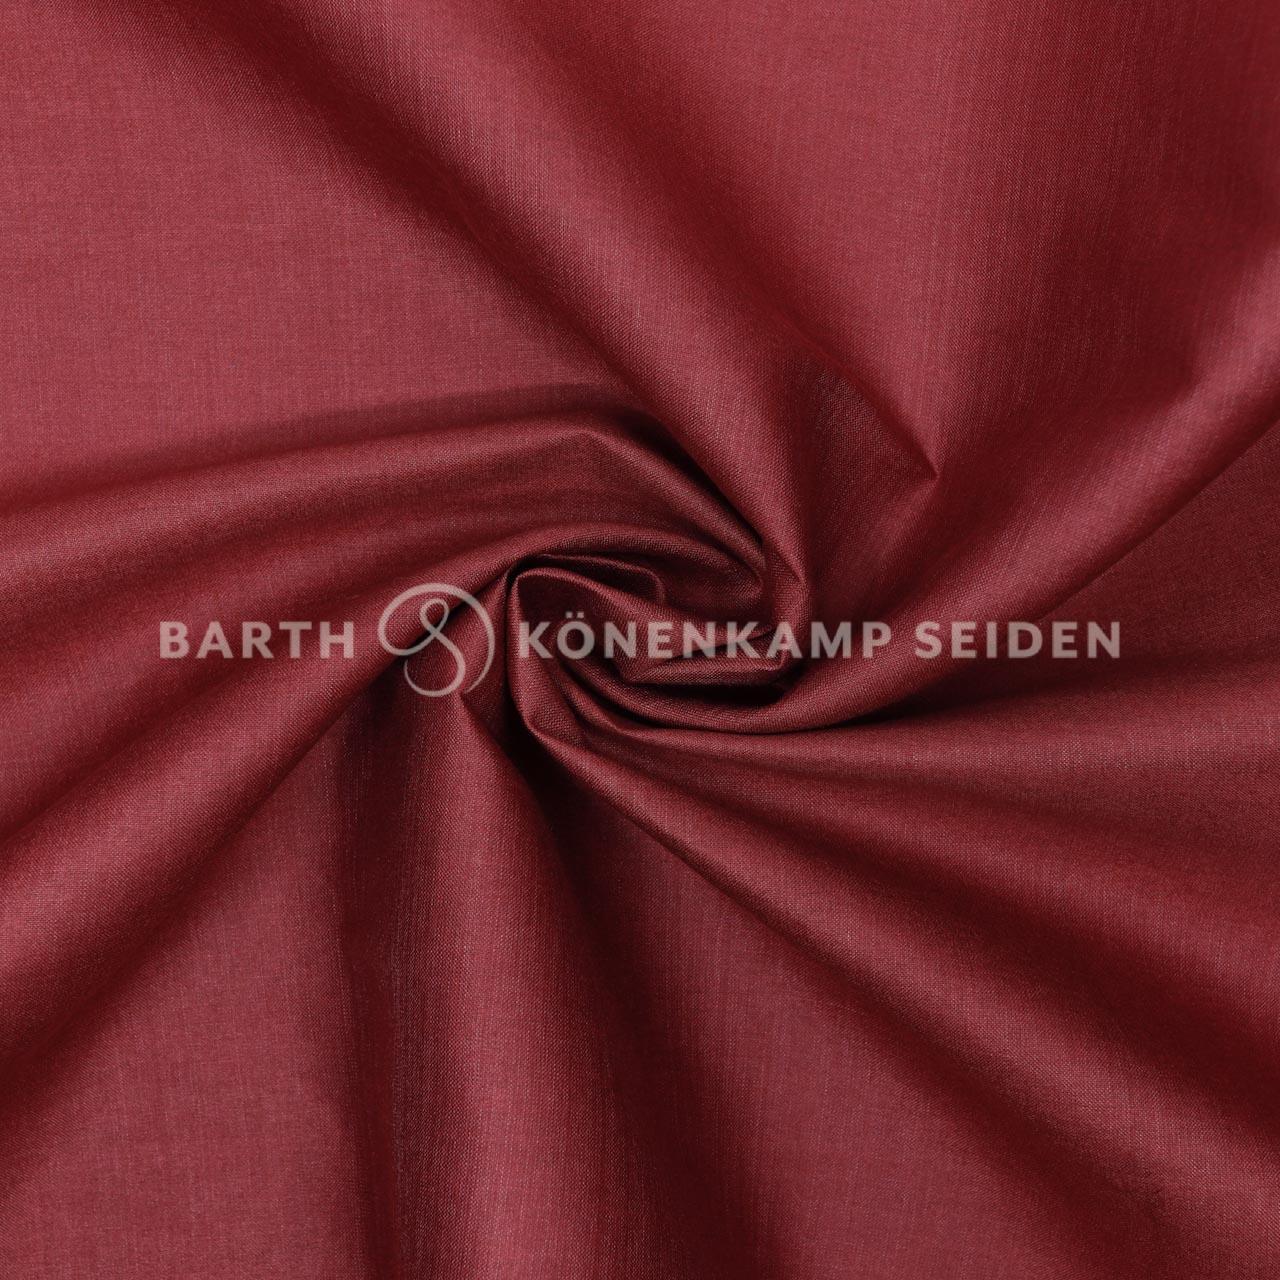 3500-598 / Tussah Modal  gefärbt